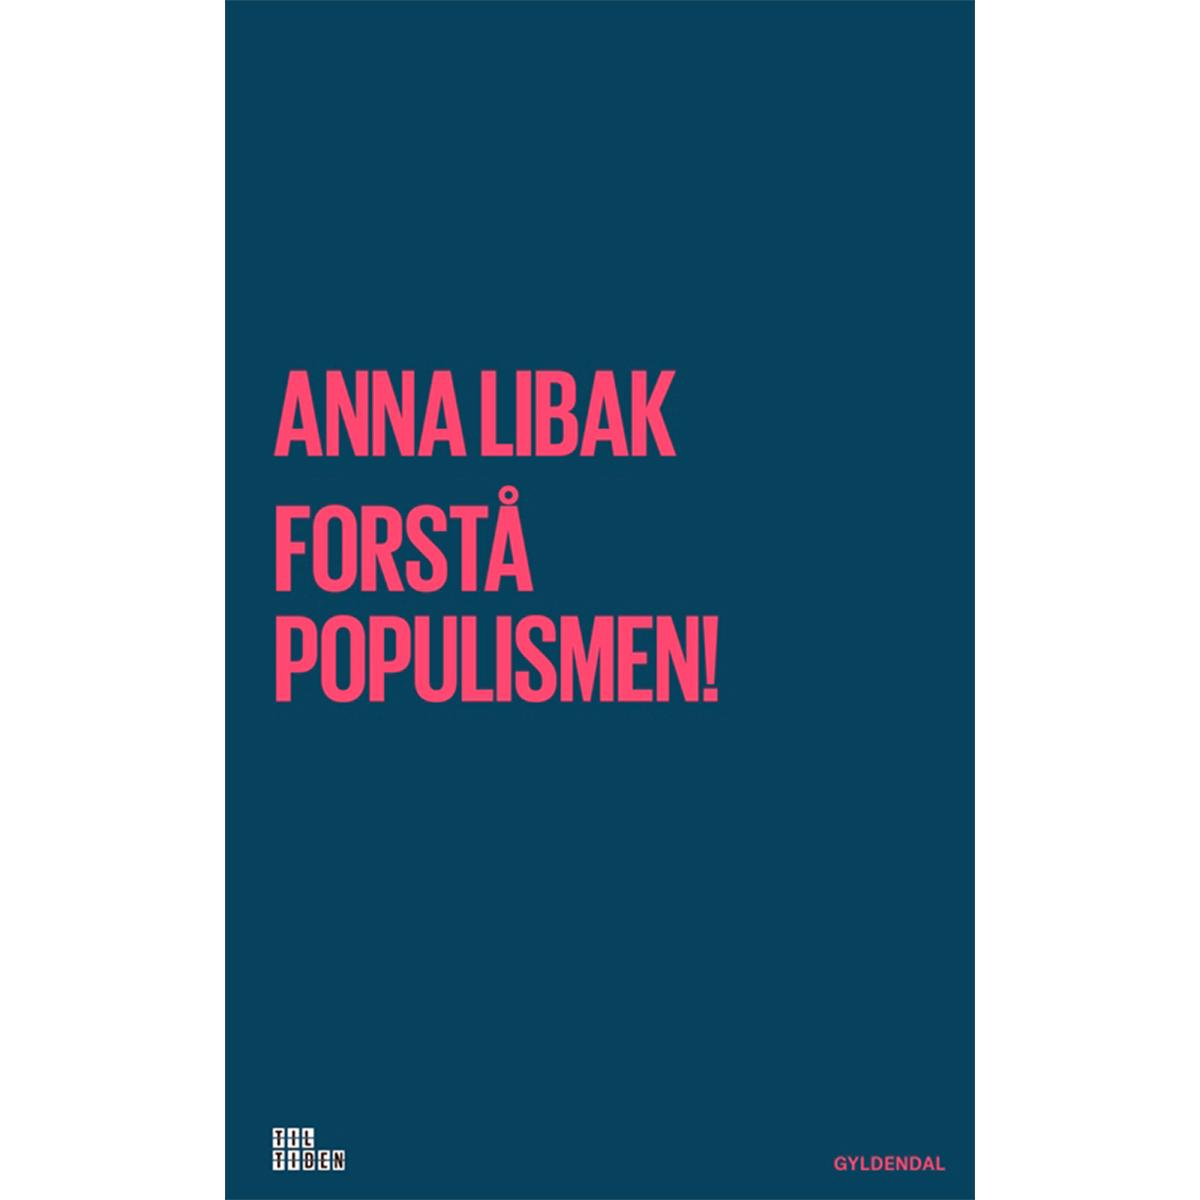 Billede af Forstå populismen! - Hæftet